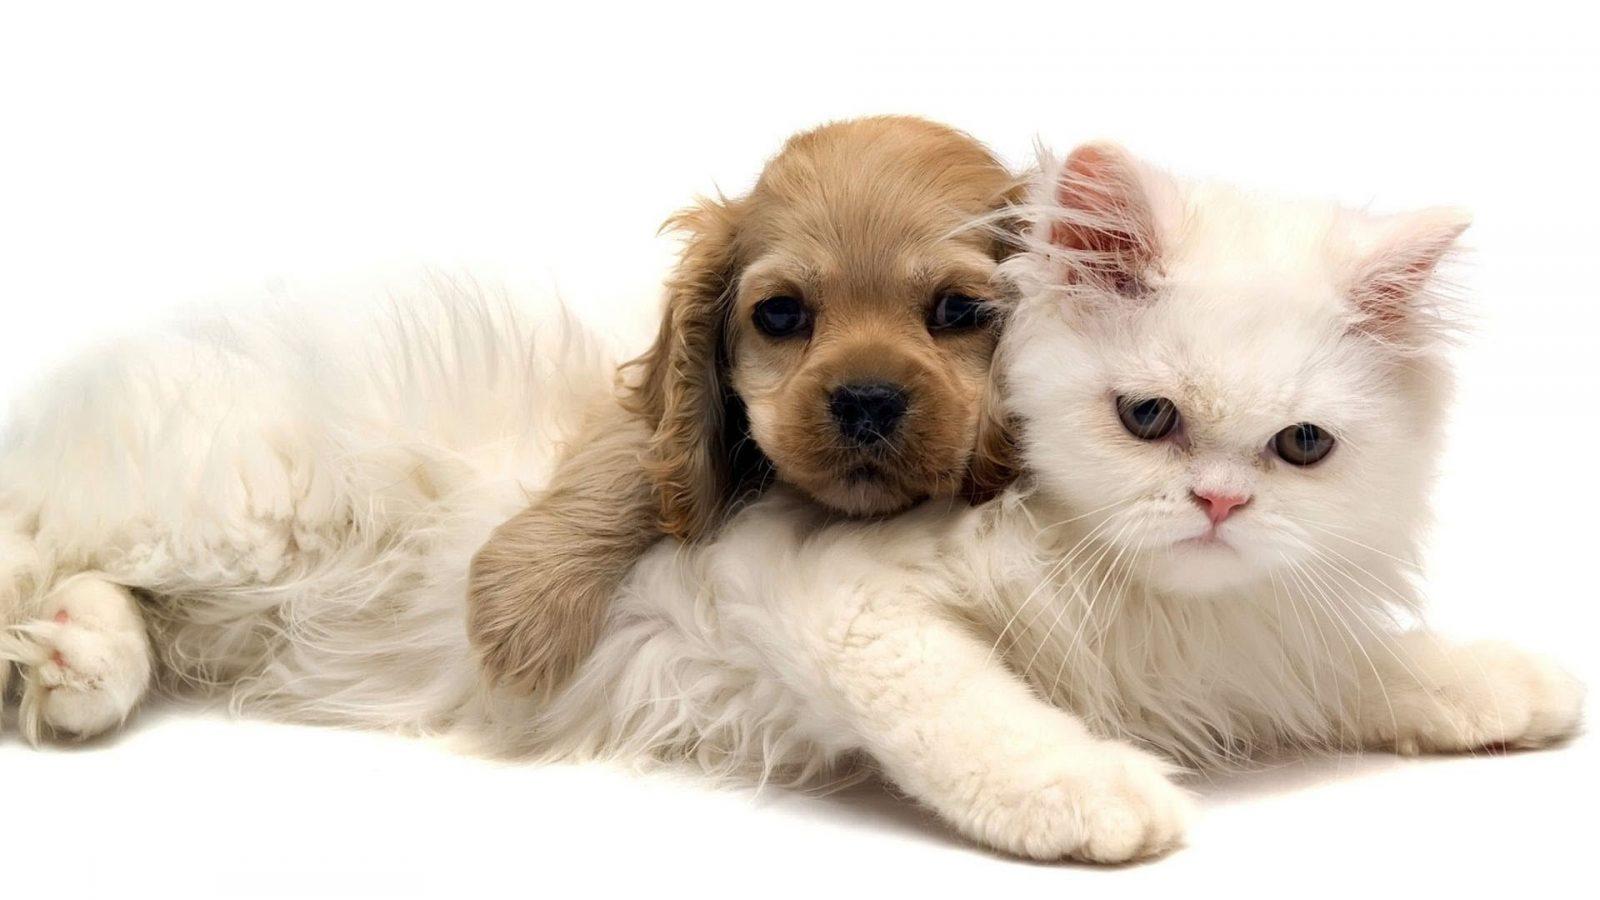 gato cachorro wallpaper - Gato ou Cachorro???